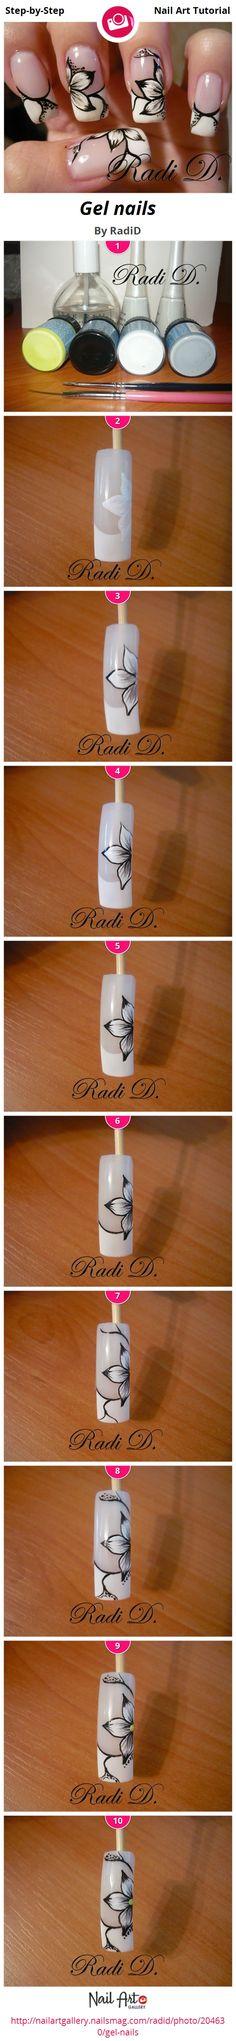 Gel nails by RadiD - Nail Art Gallery Step-by-Step Tutorials nailartgallery.nailsmag.com by Nails Magazine www.nailsmag.com #nailart